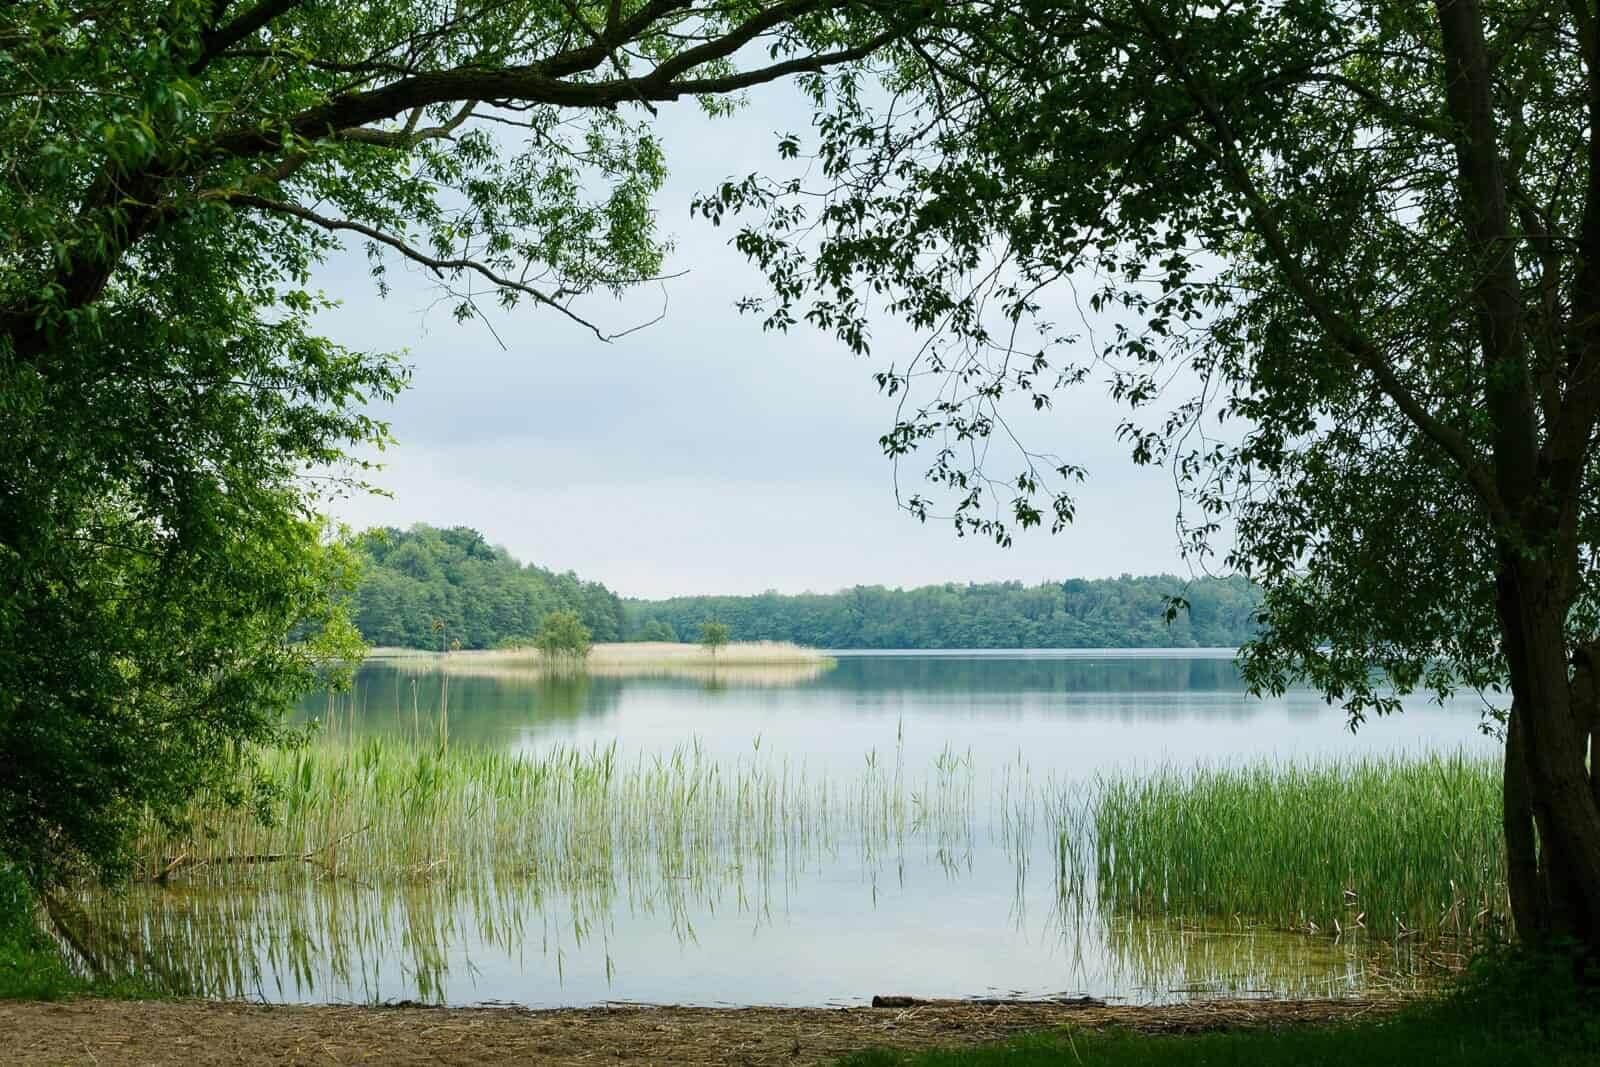 Titelfoto: Blick auf den Schaalsee. Fotoautor: Dirk Eisermann